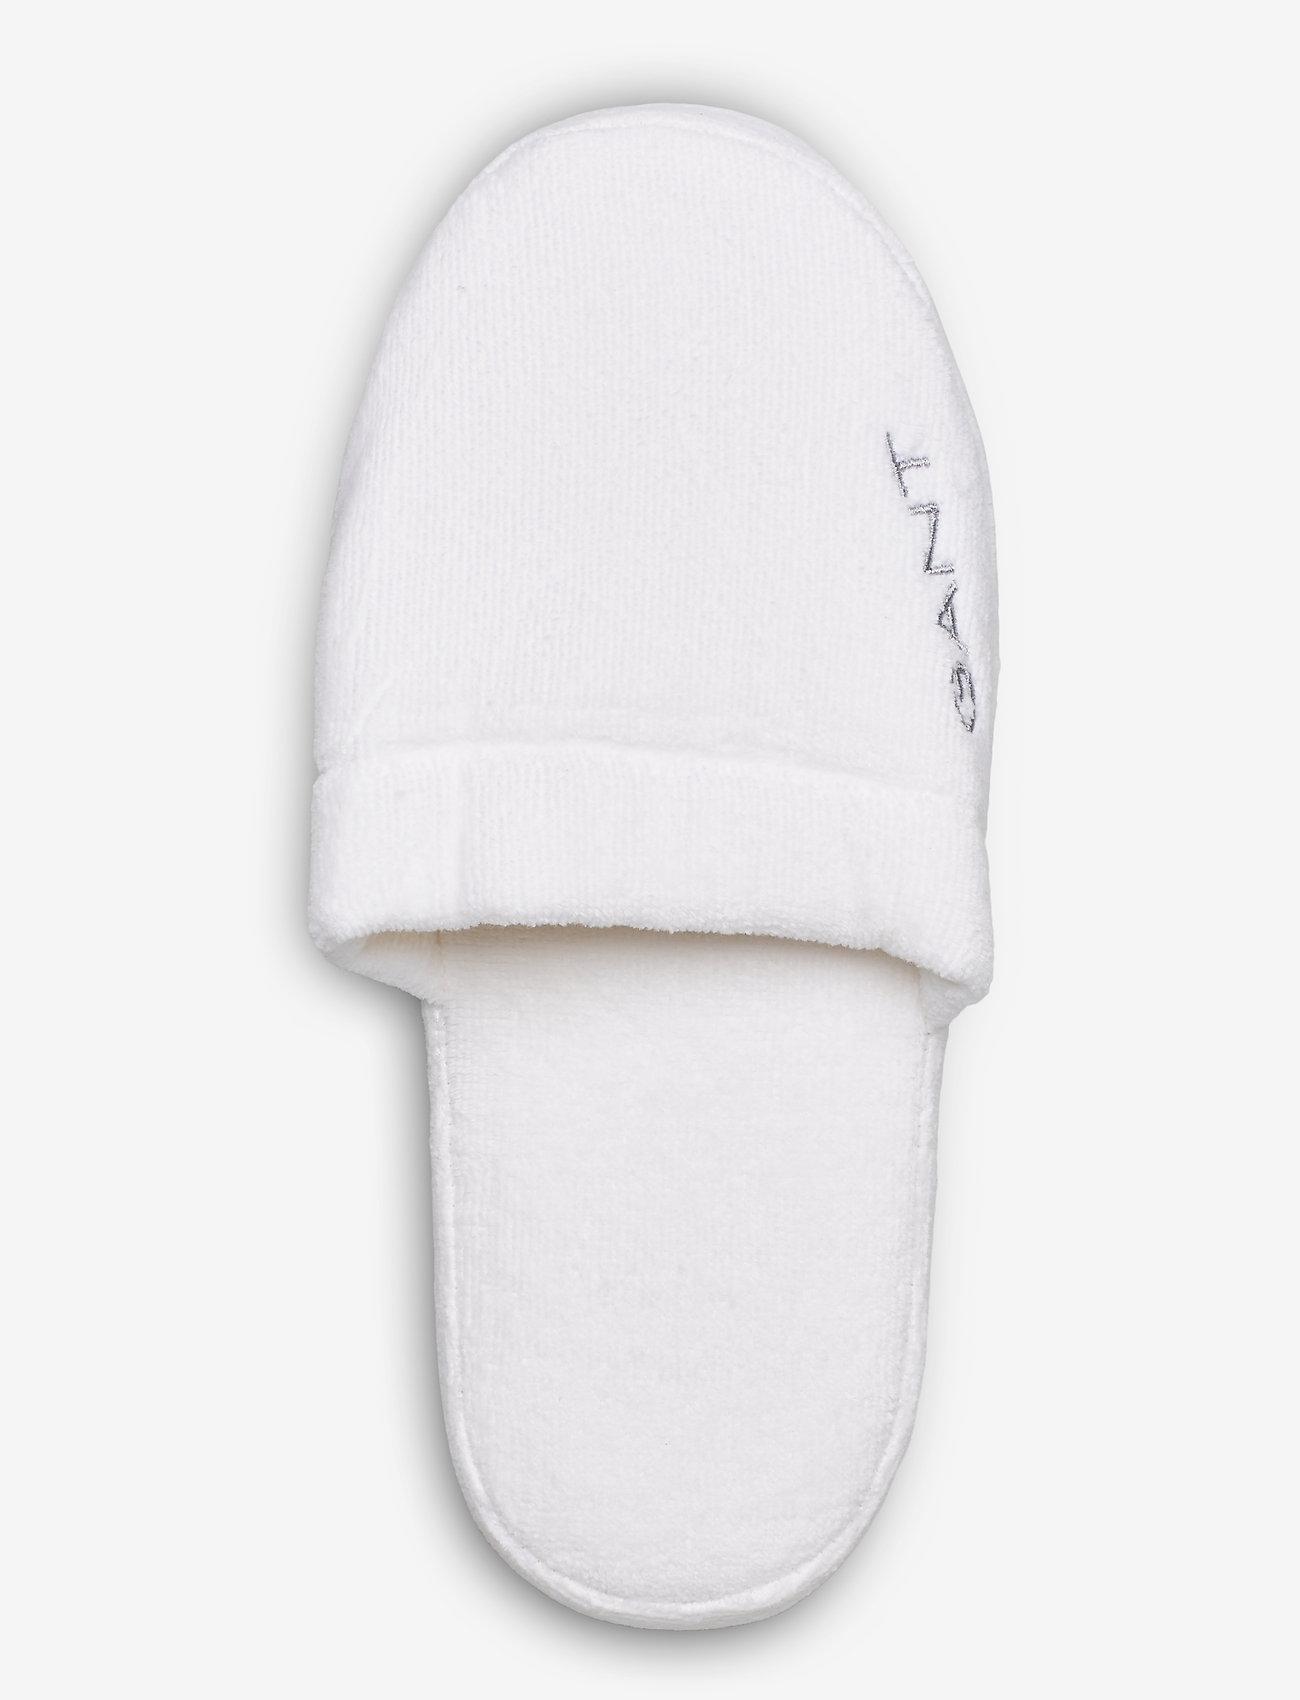 Premium Velour Slippers (White) - Gant